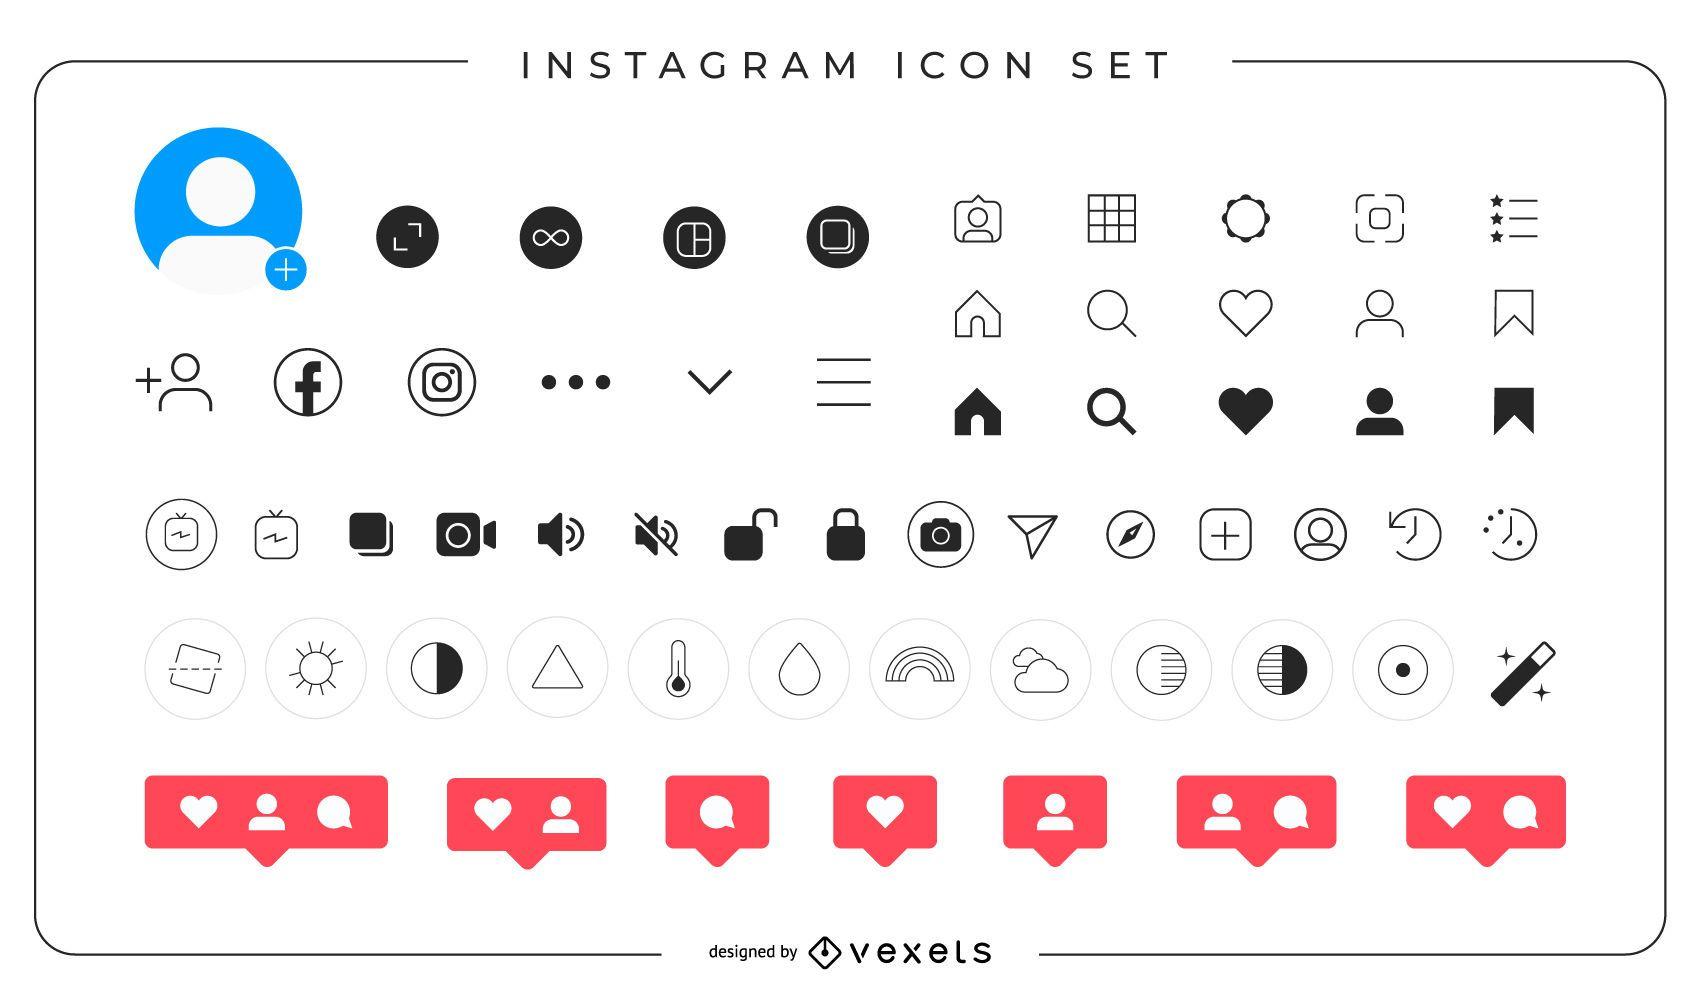 Paquete completo de iconos de Instagram